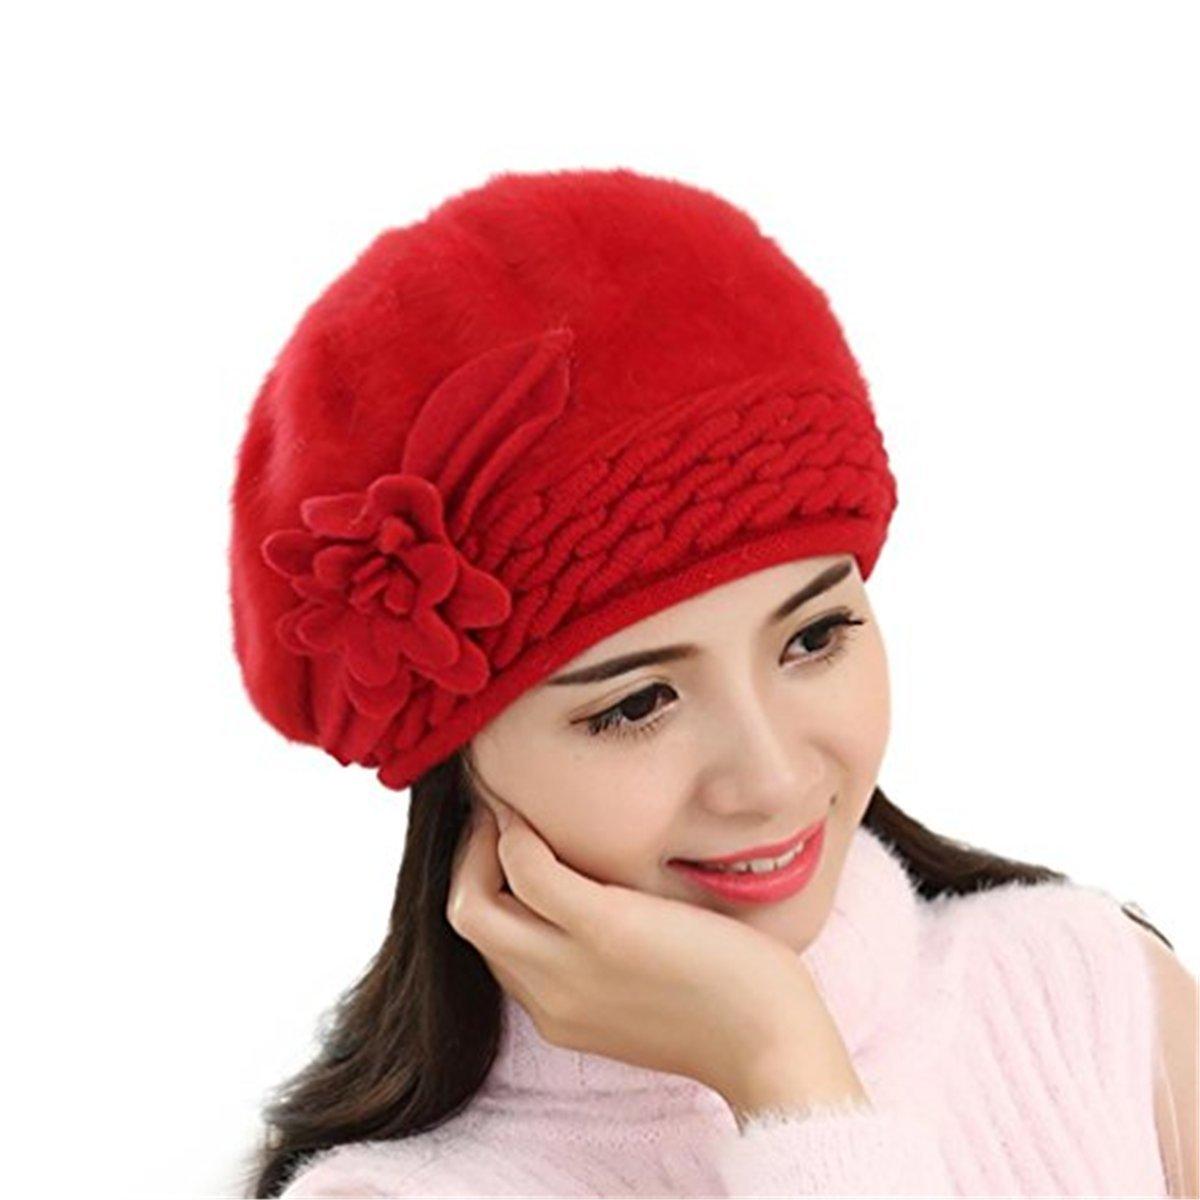 Womens Flower Knit Crochet Beanie Hat Winter Warm Cap 39 TYJ2017121403BE-O